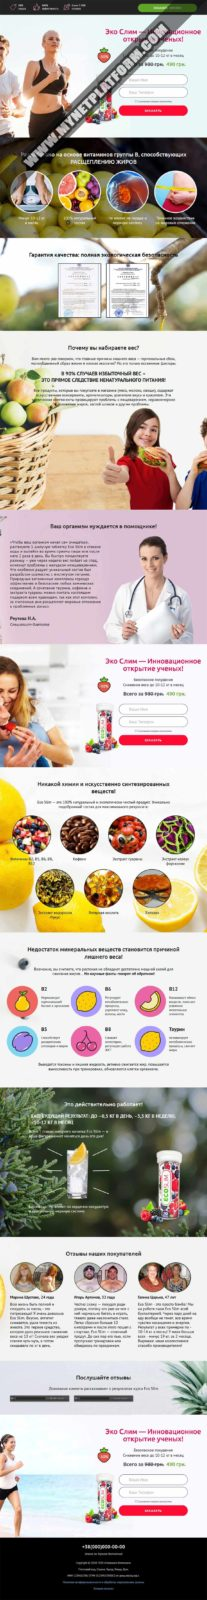 Скриншот готового лендинга Эко Слим (EcoSlim) - экологичное похудение 001